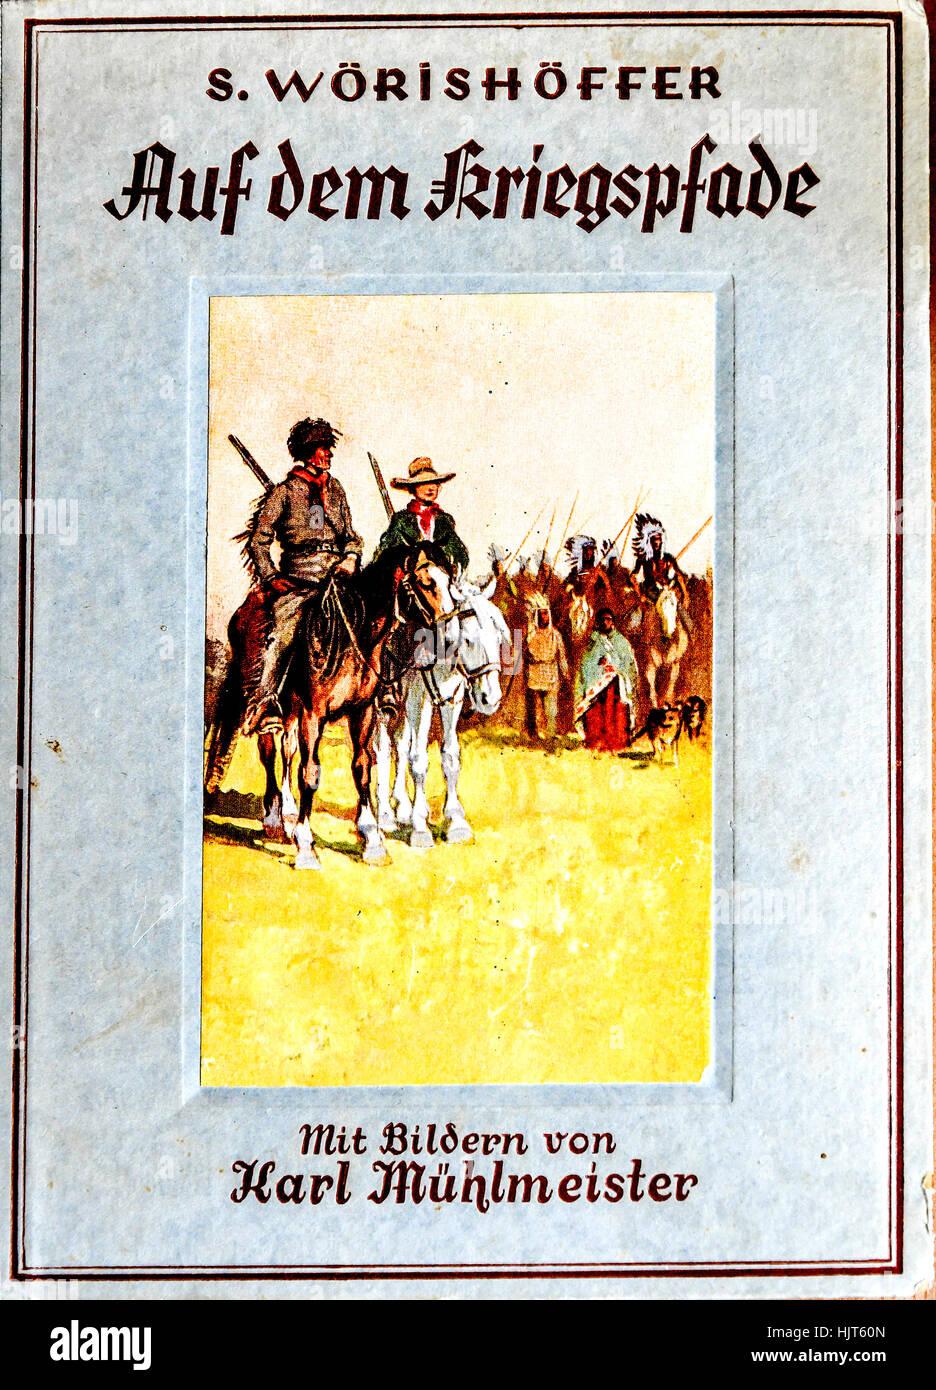 cover of adventure book (german edition), cover von Abenteuerbuch (deutsch) - Stock Image